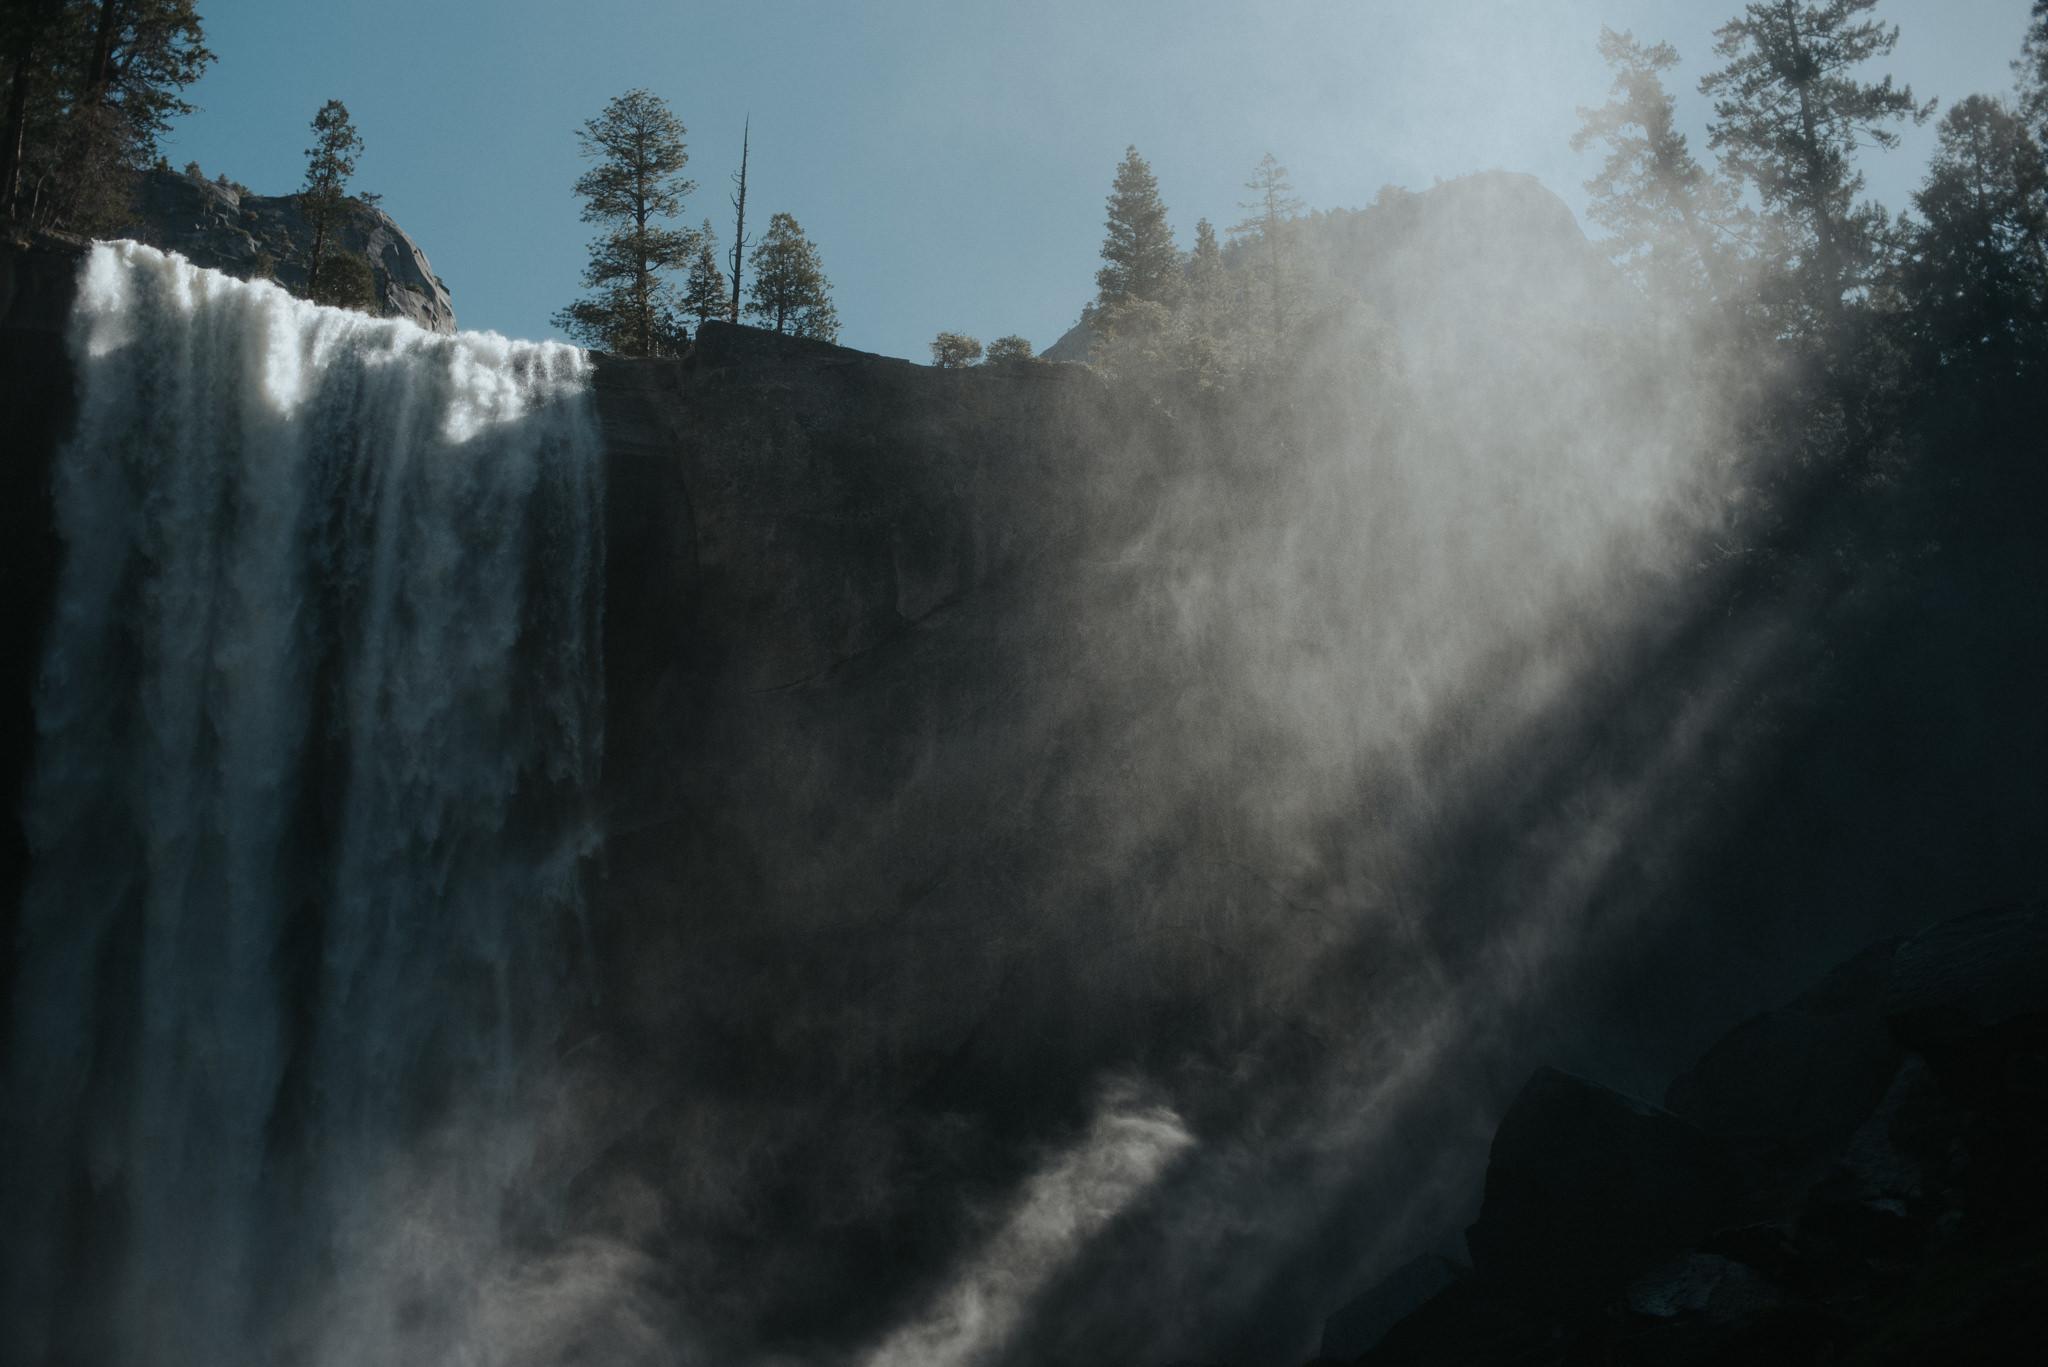 Exploring Yosemite in the spring // Daring Wanderer: www.daringwanderer.com